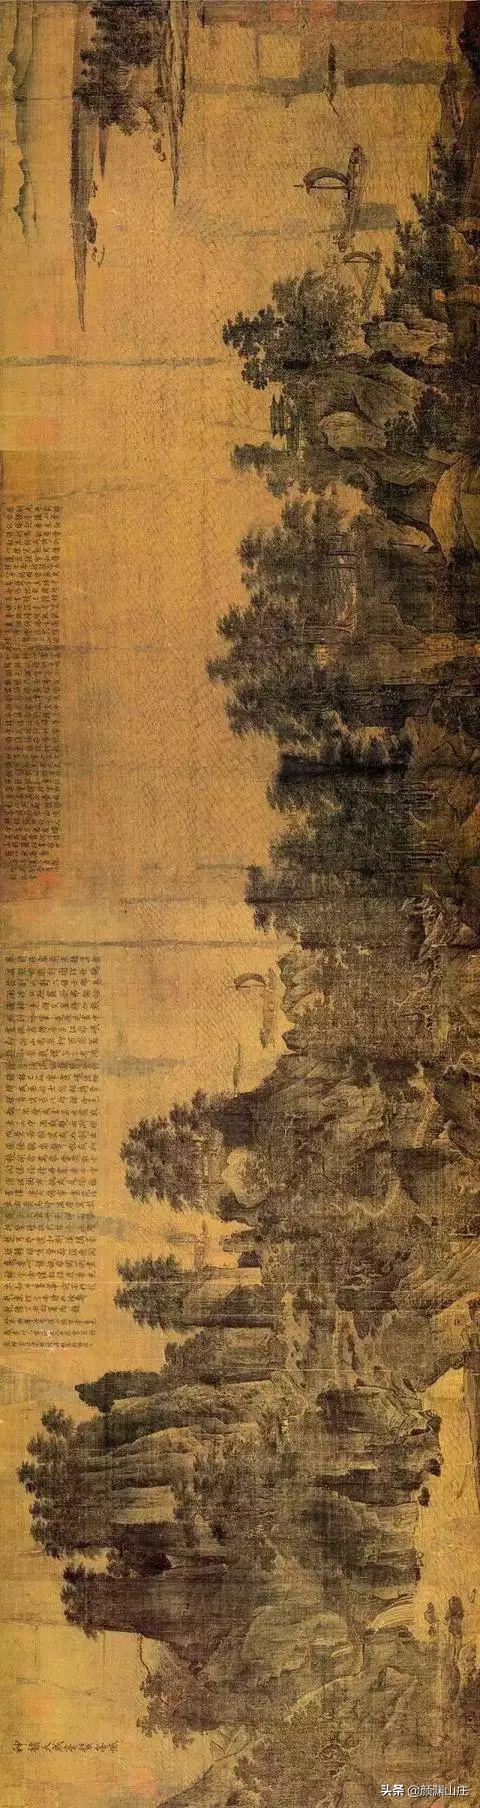 《山水田园诗》辑录97篇全集